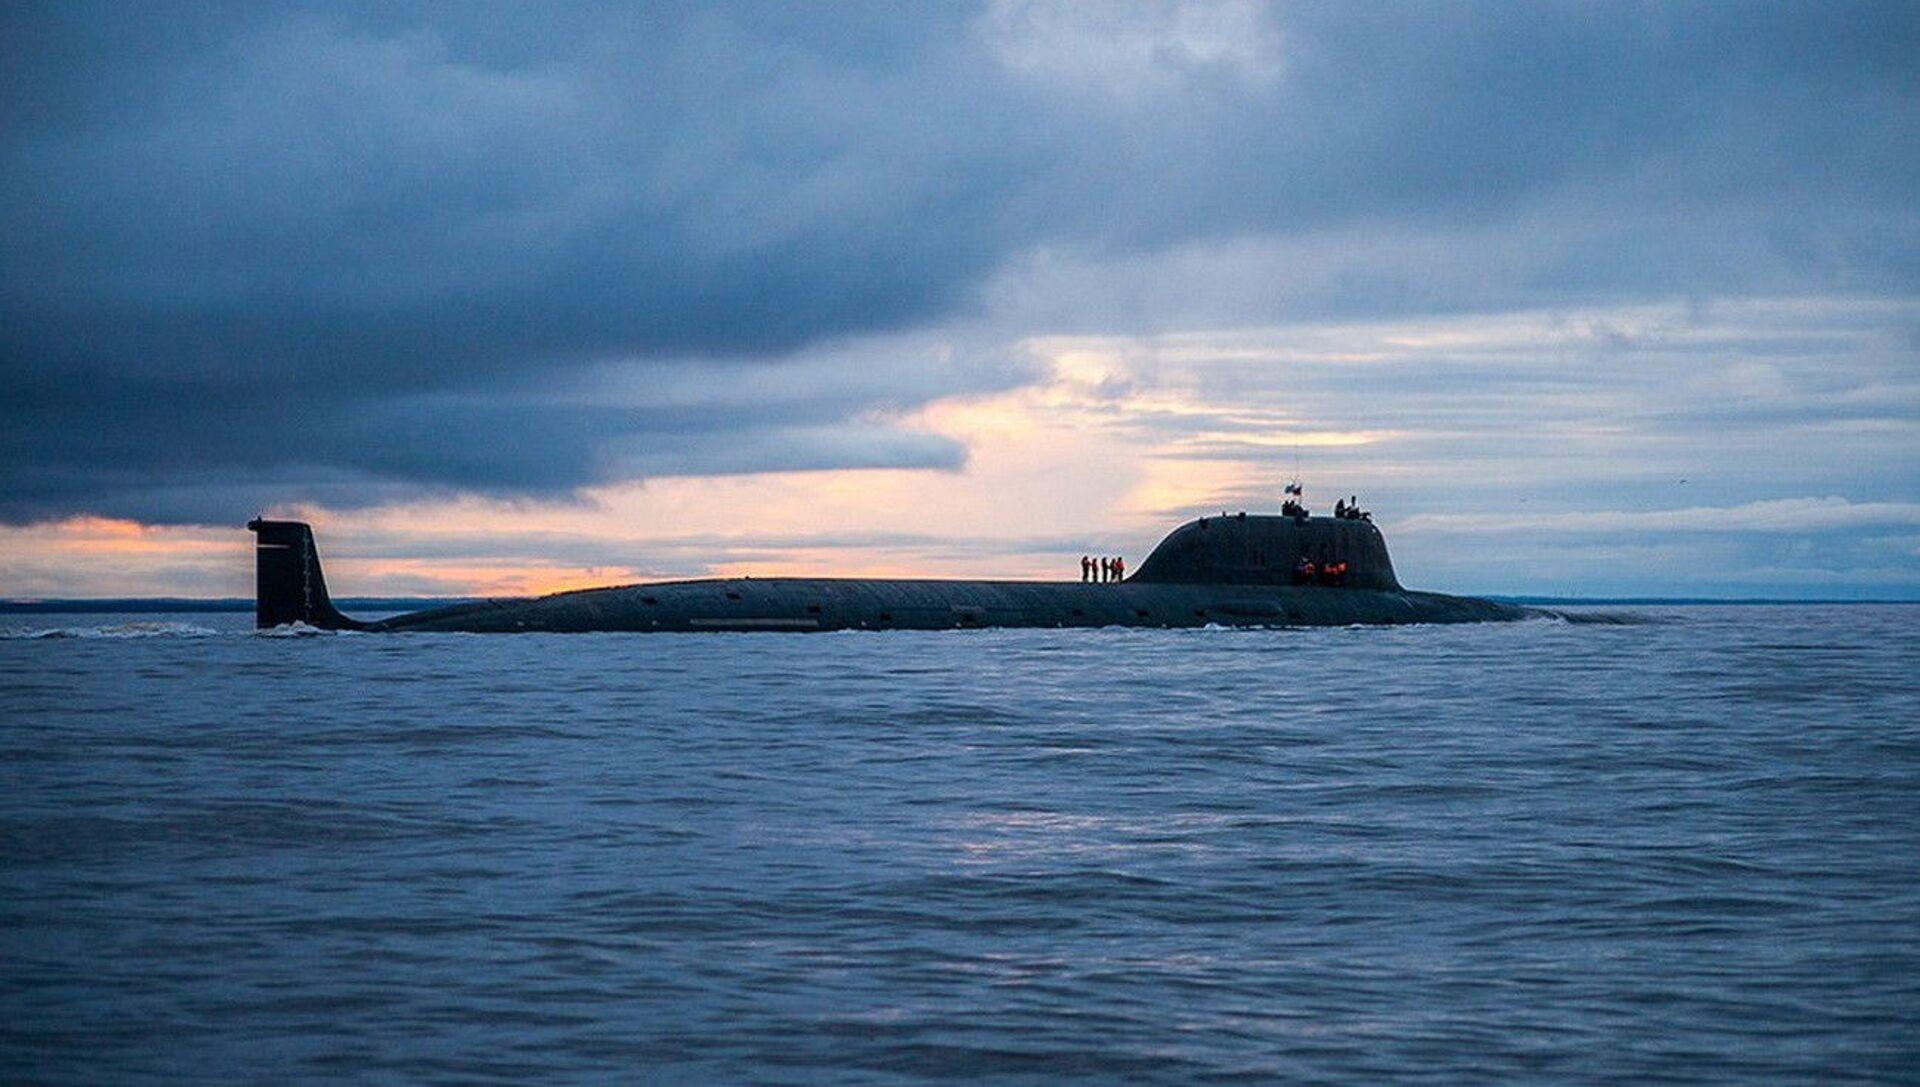 Sottomarino missilistico russo Severodvinsk del 'Progetto 885M' classe Yasen  - Sputnik Italia, 1920, 21.04.2021